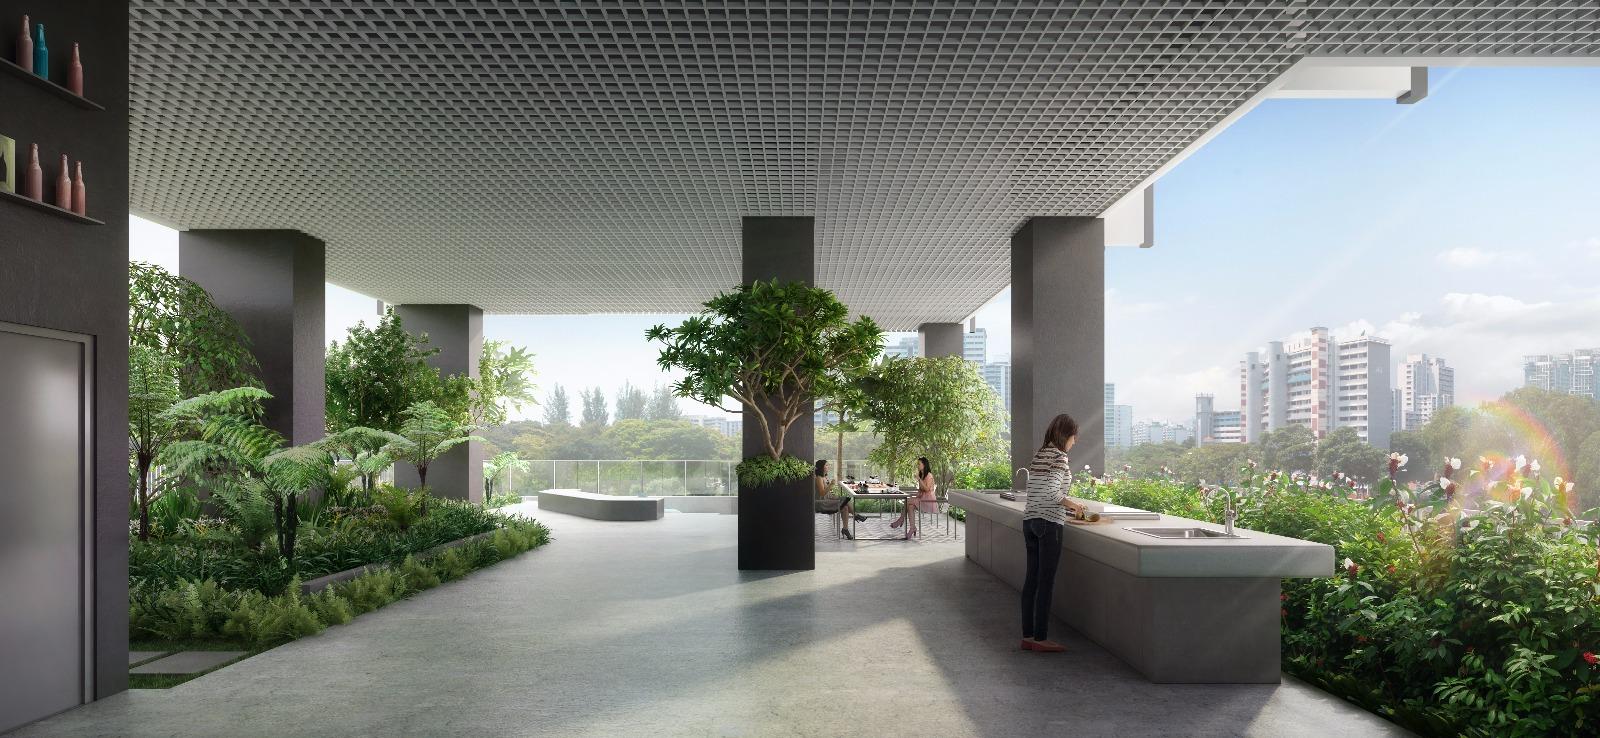 newlaunch.sg jui residences image 2